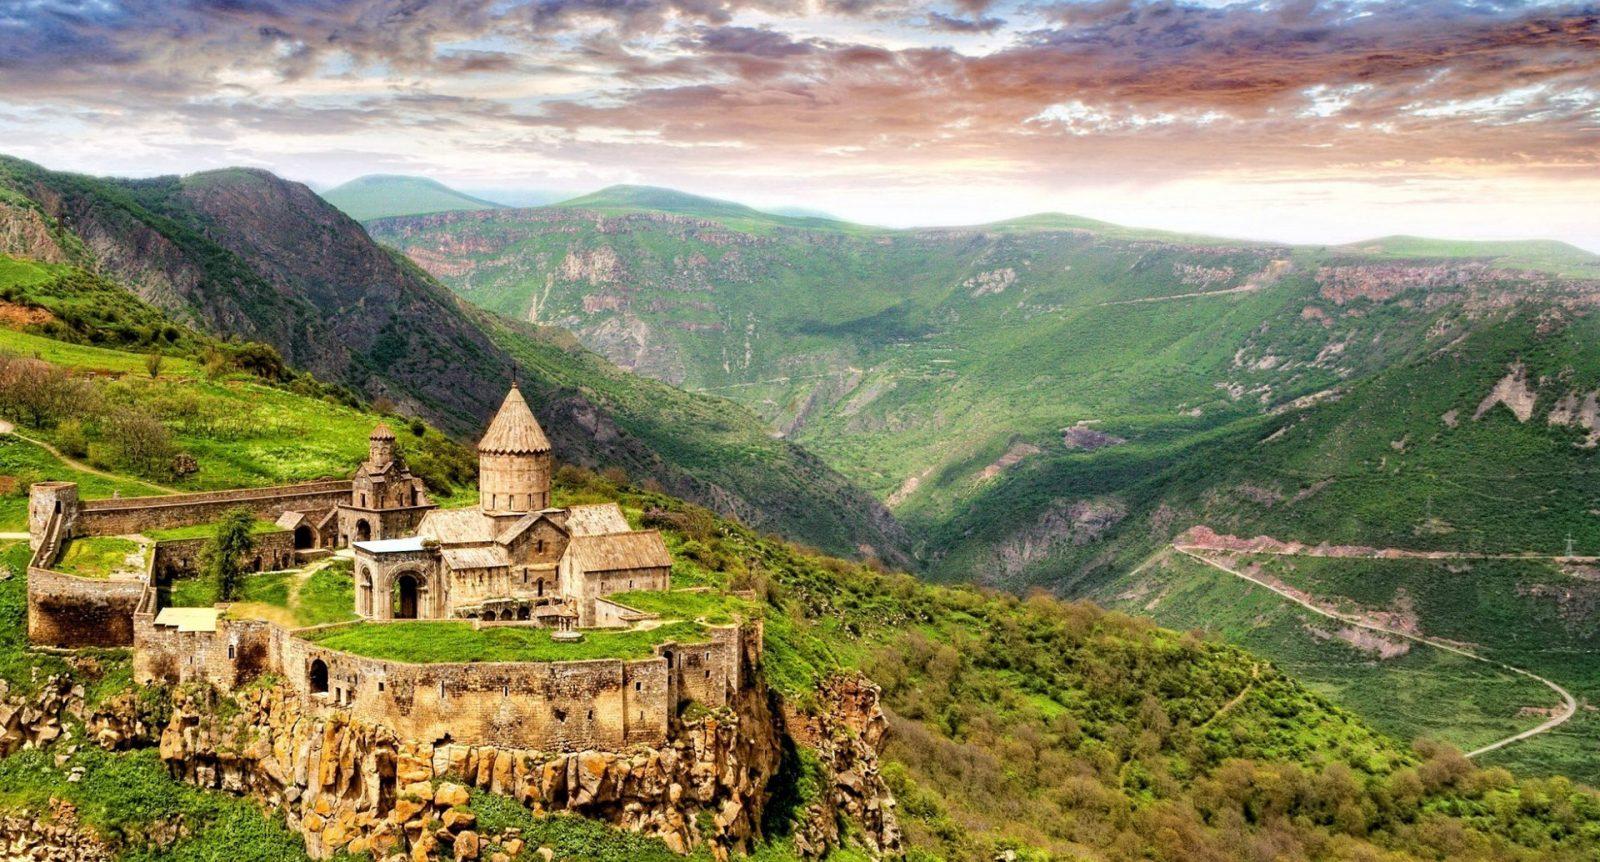 چرا باید به ارمنستان رفت